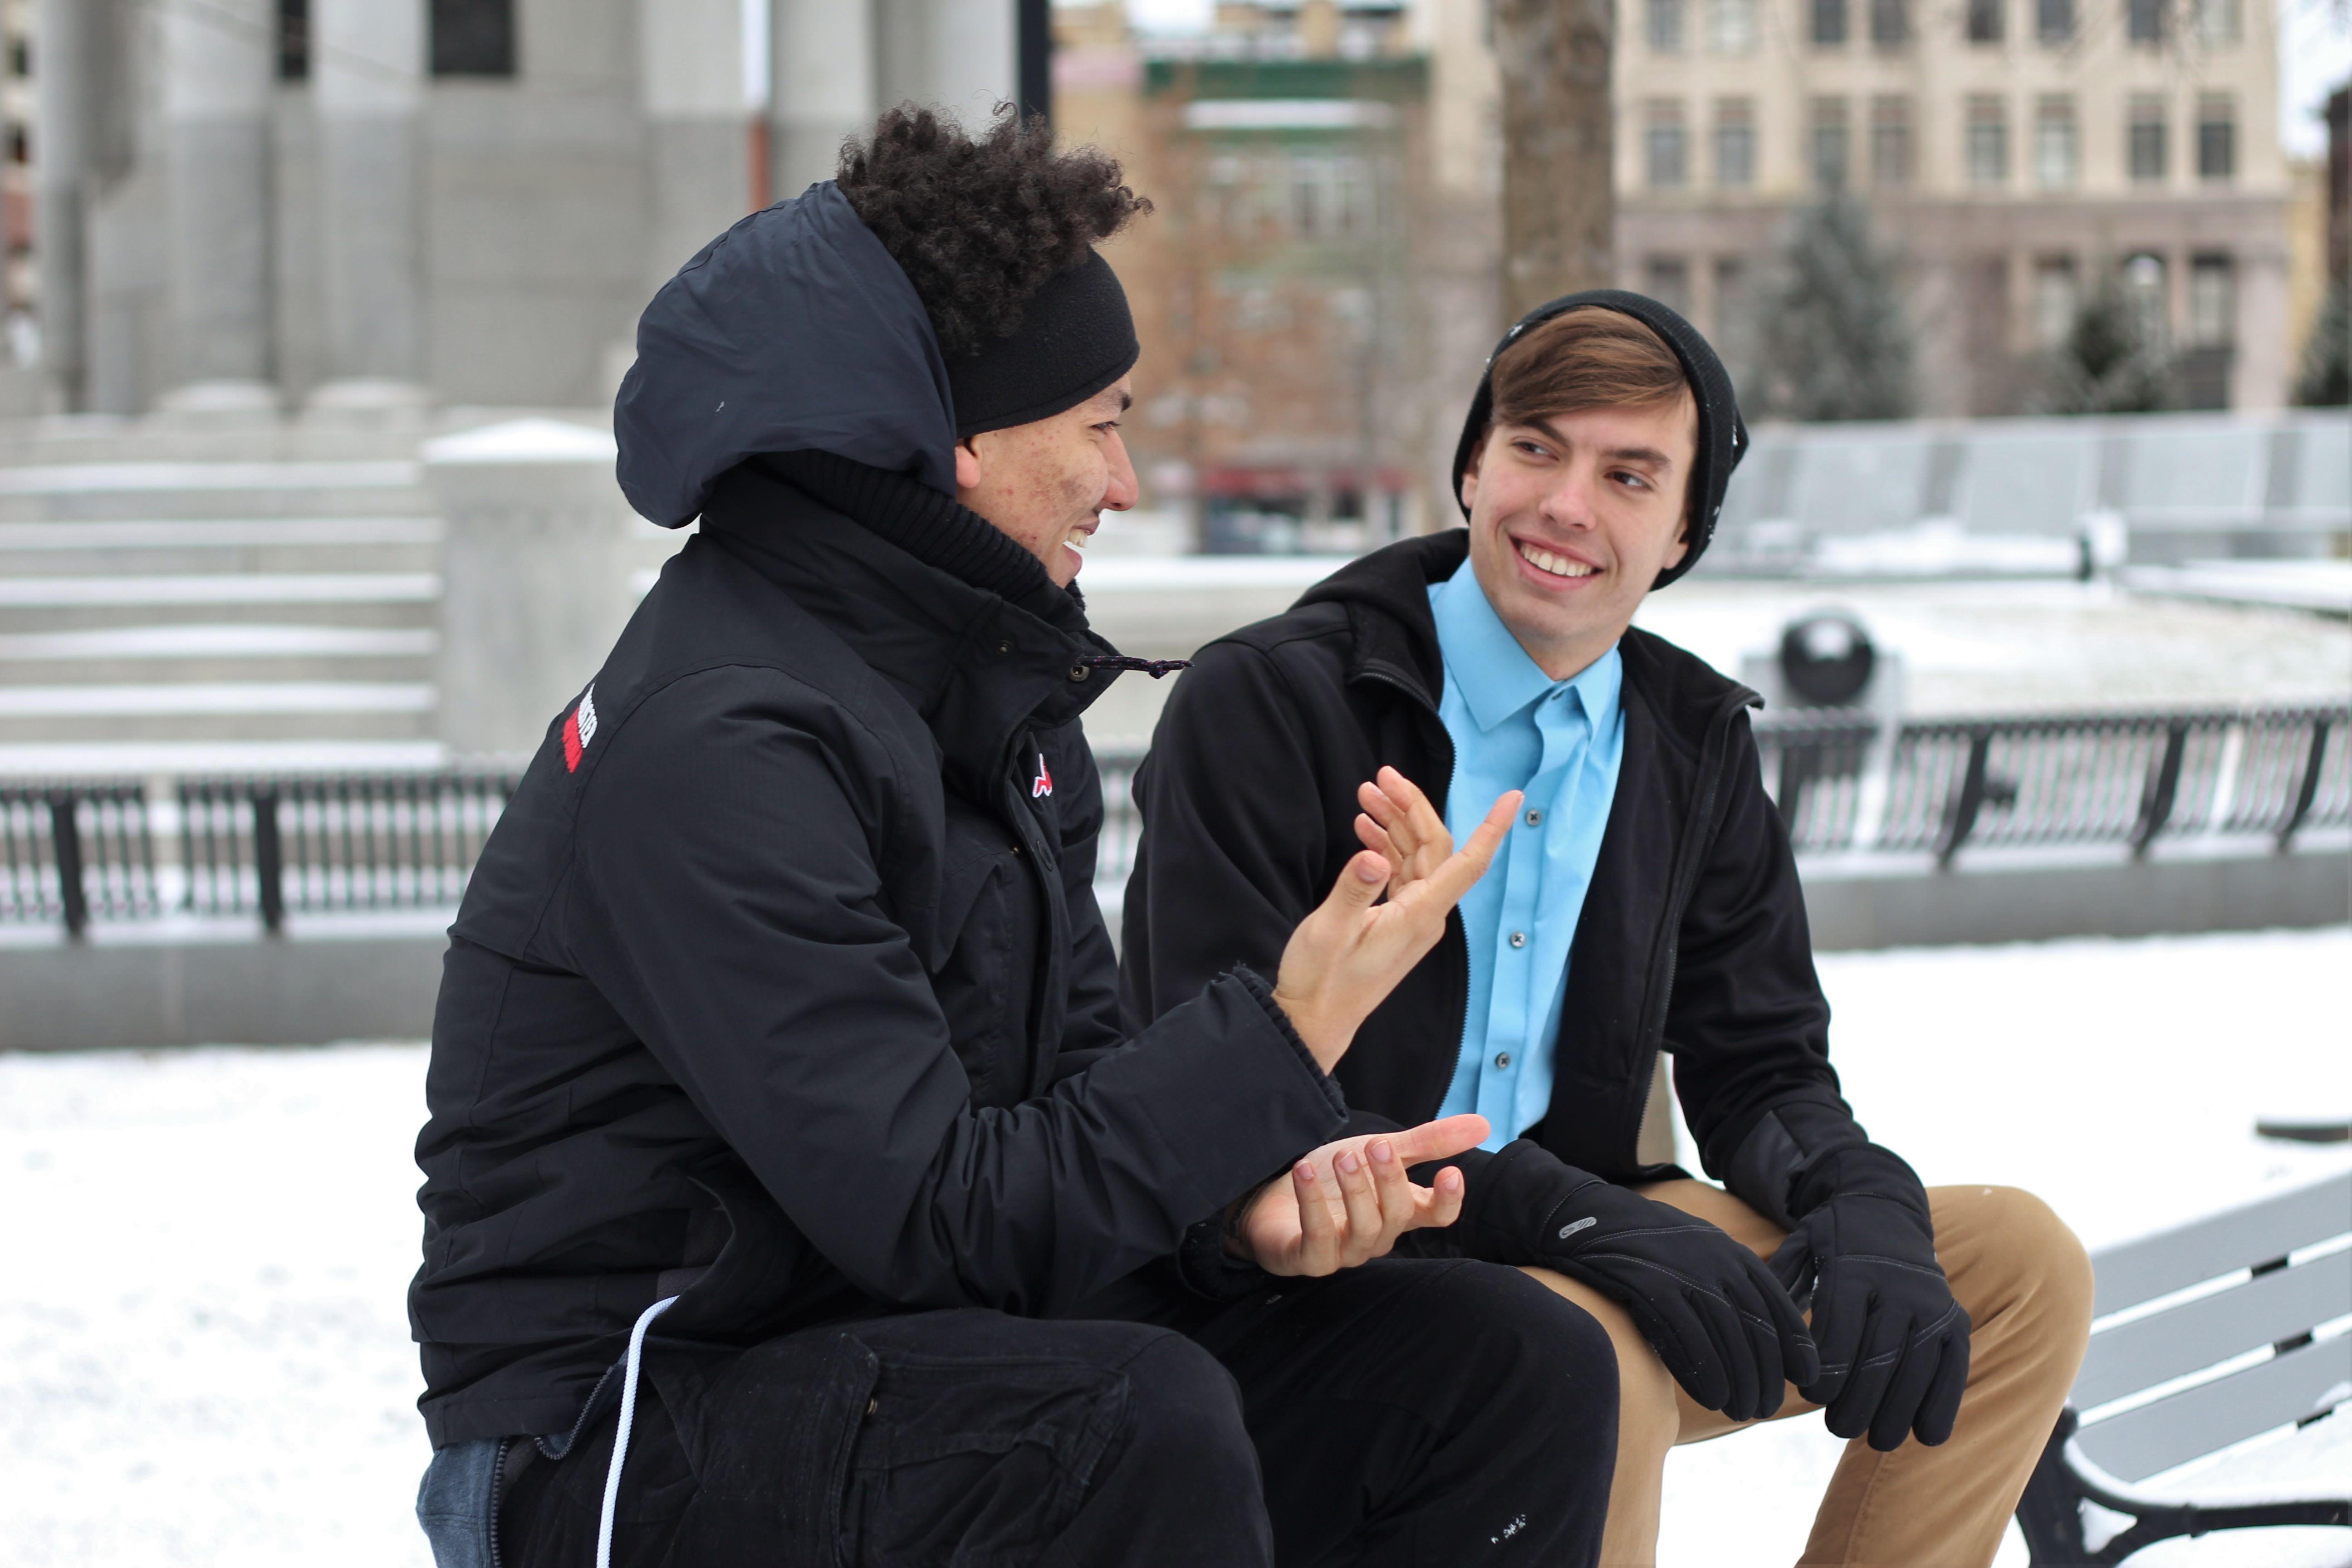 Sharing stories, sharing the Gospel